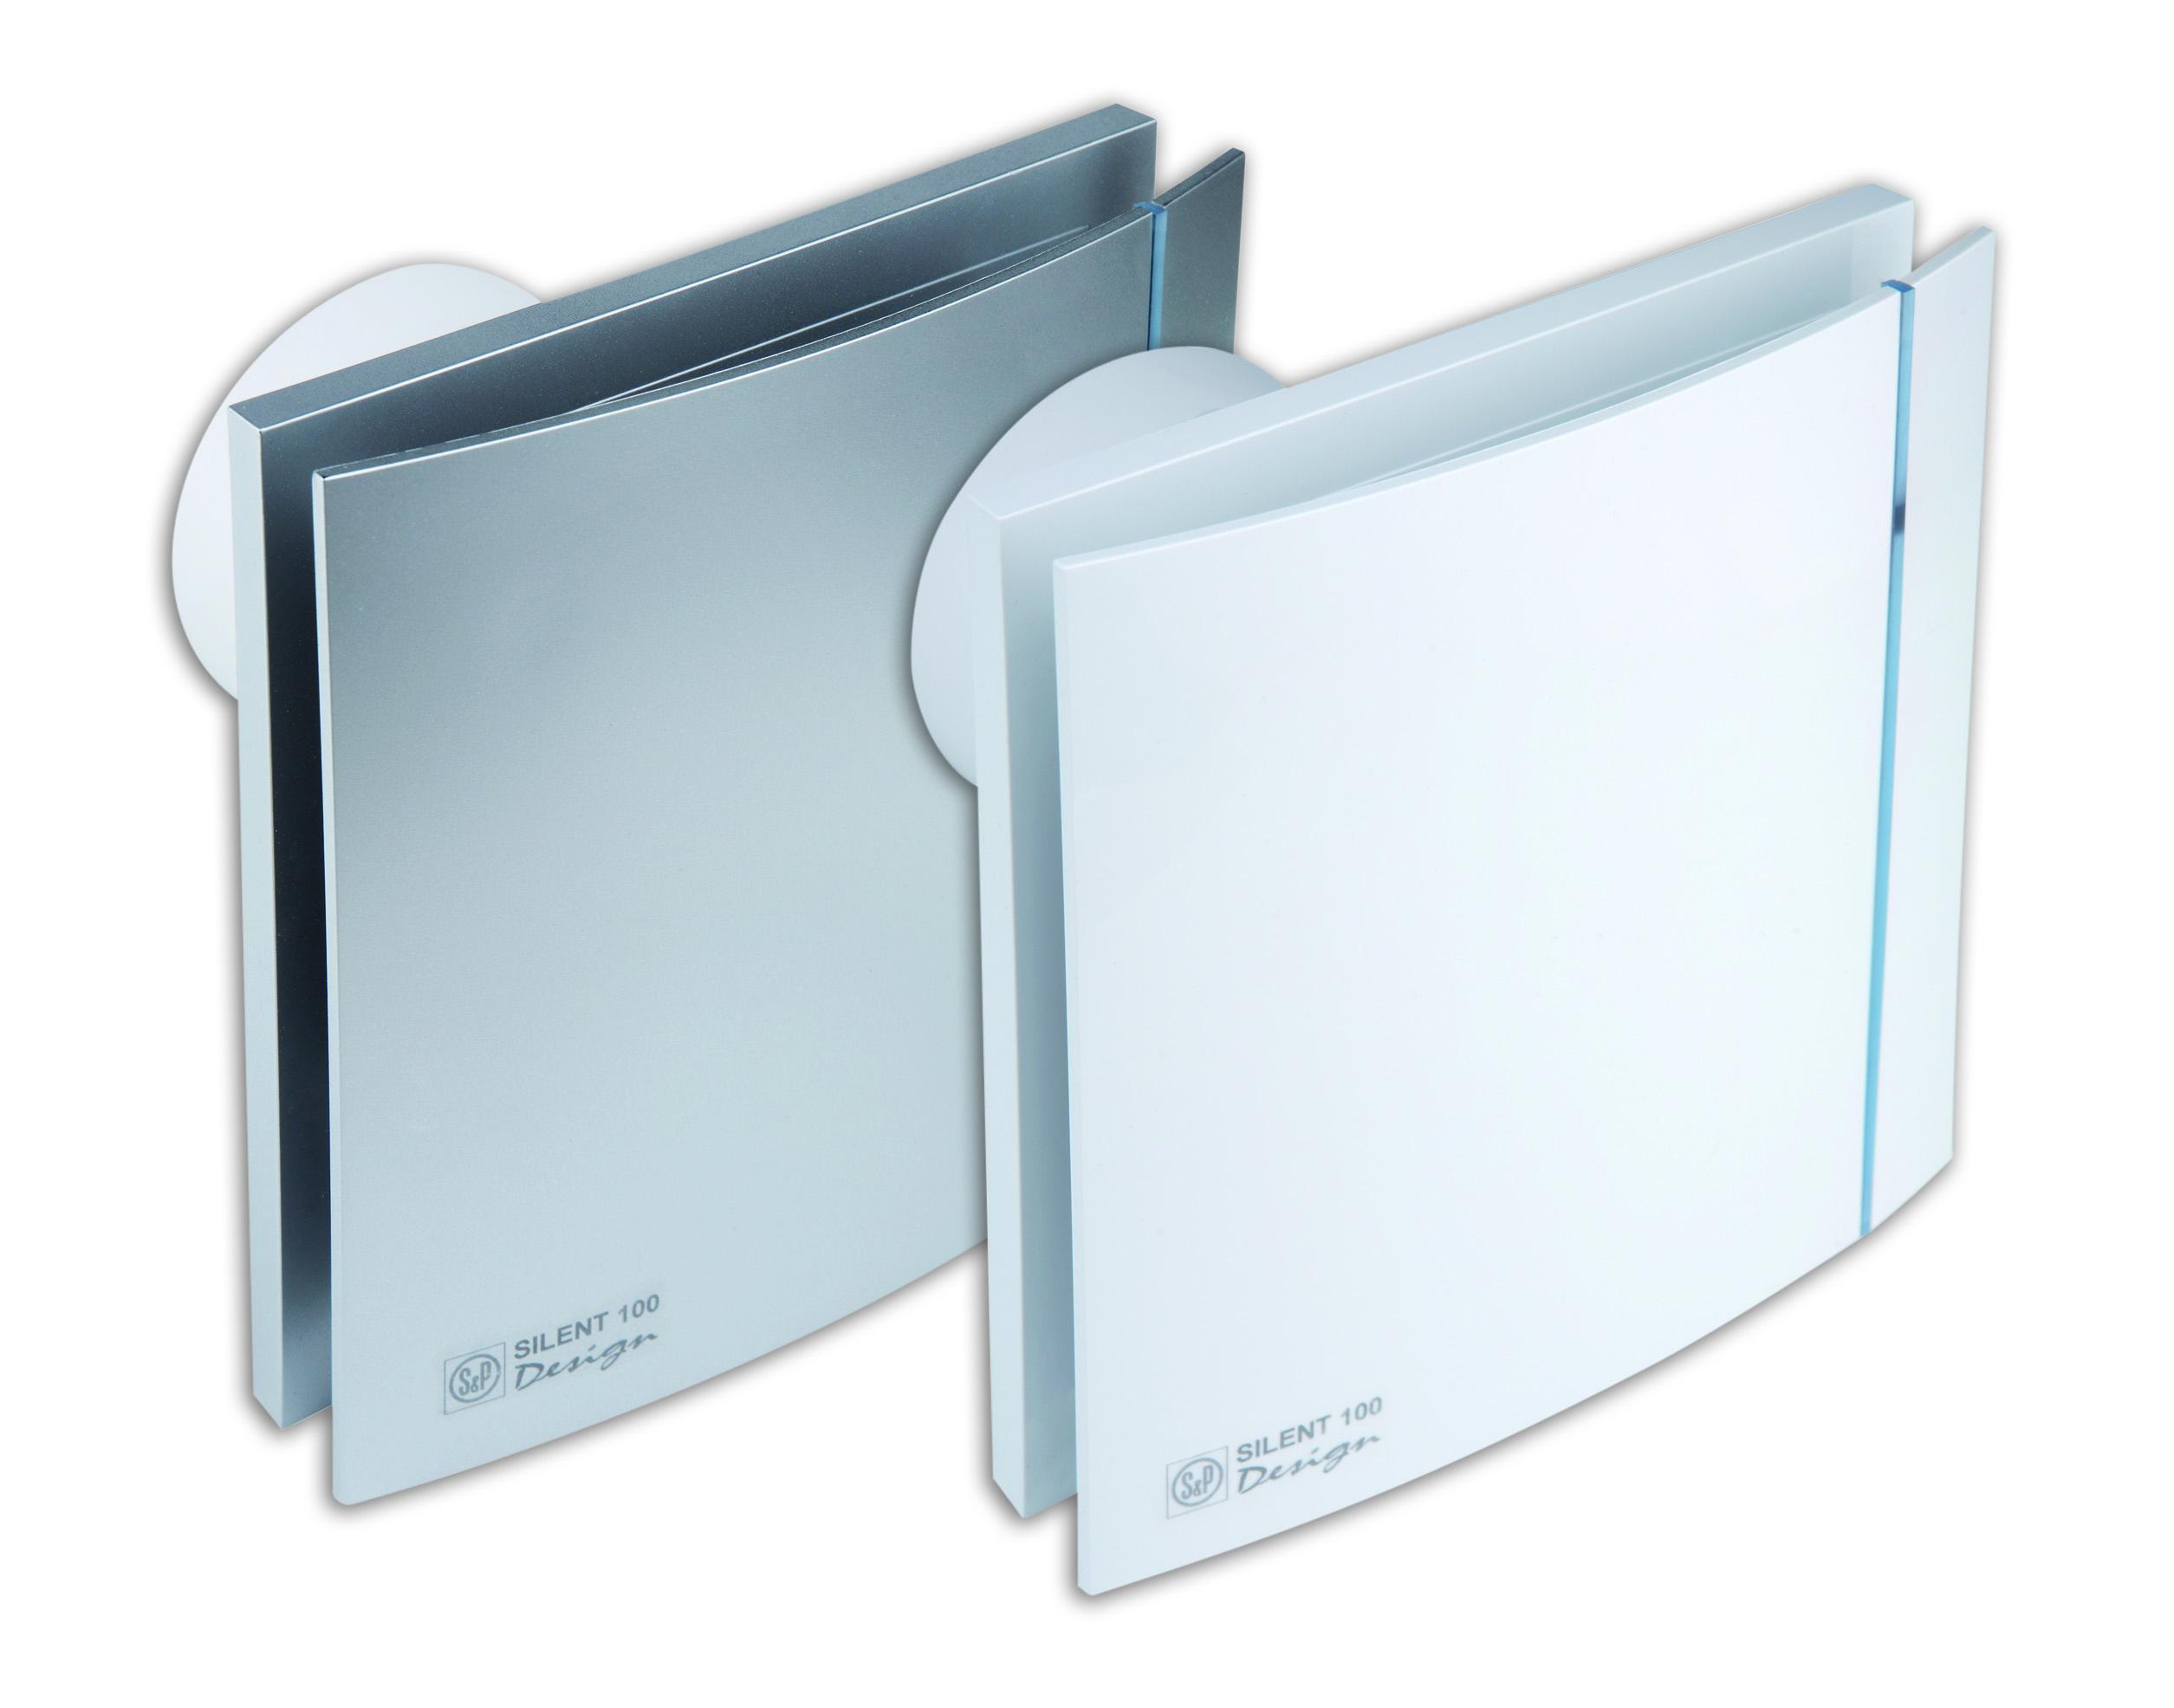 SILENT-100 DESIGN white-silver _ blanco-plata S&P